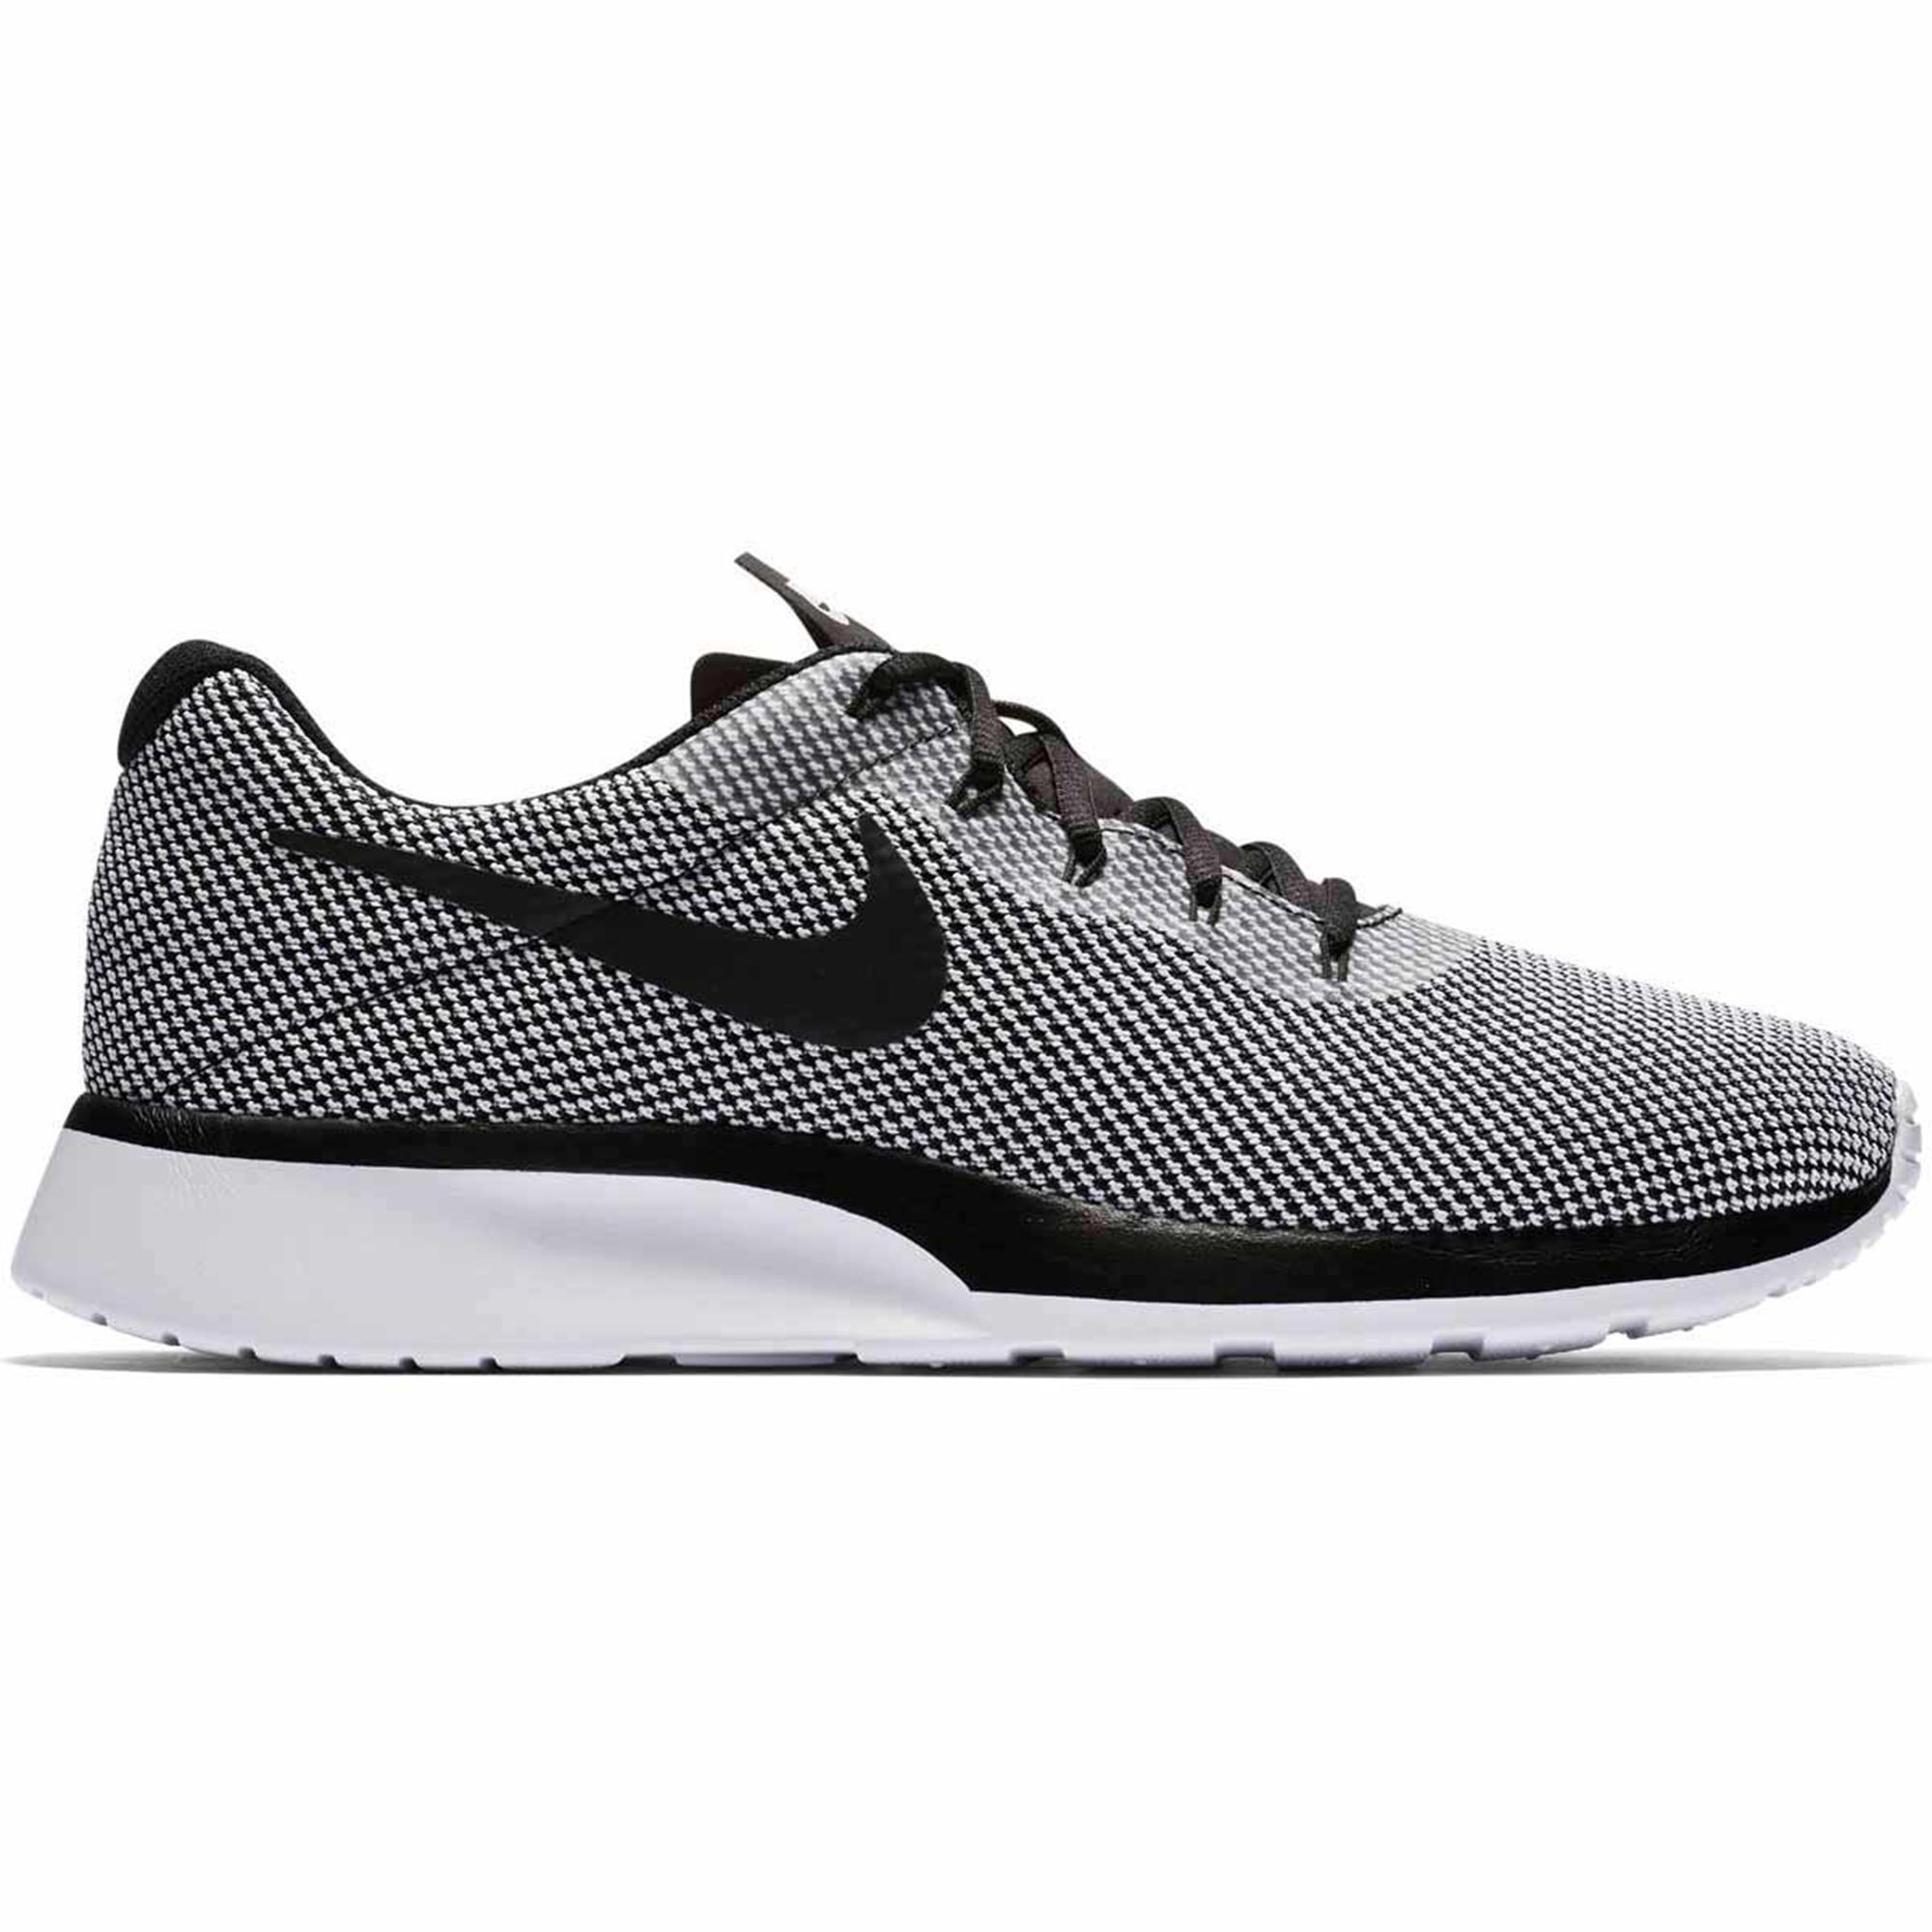 Nike Herren Mesh Sport Freizeit Fitness Schuhe Sneaker Tanjun Racer 921669 Neu